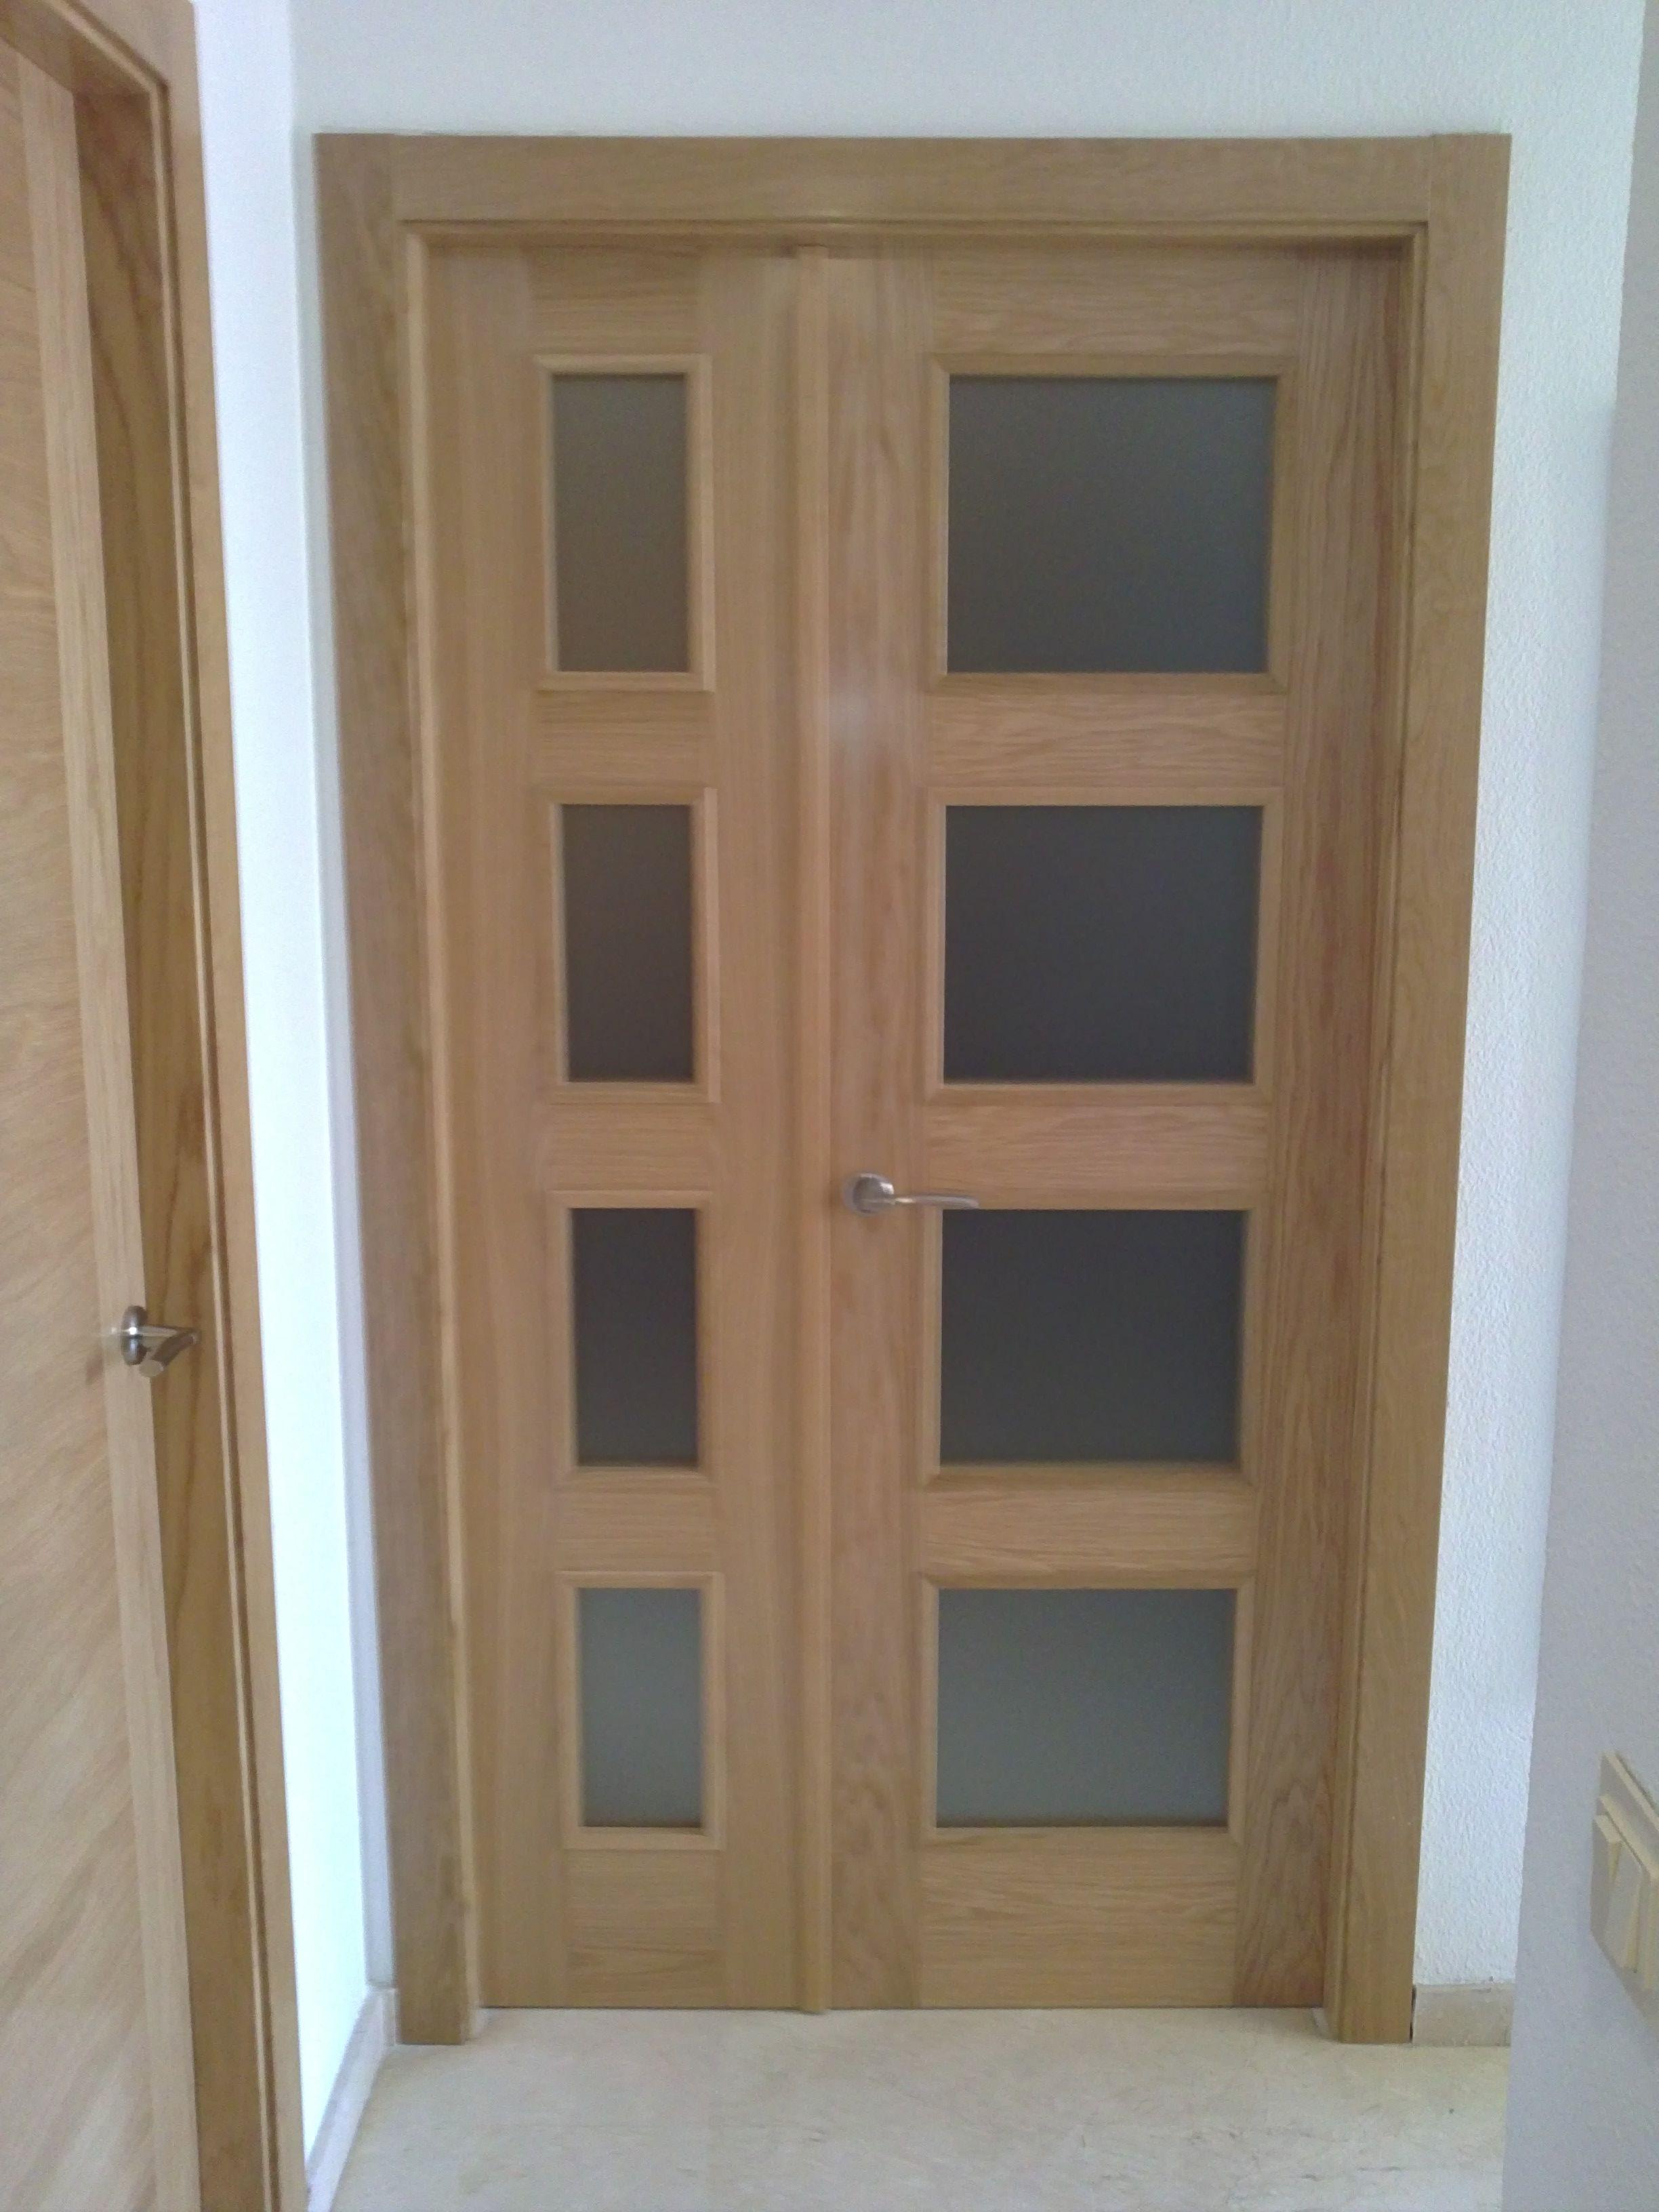 L60 roble doble con hoja fija y hoja abatible puertas for Puerta doble madera